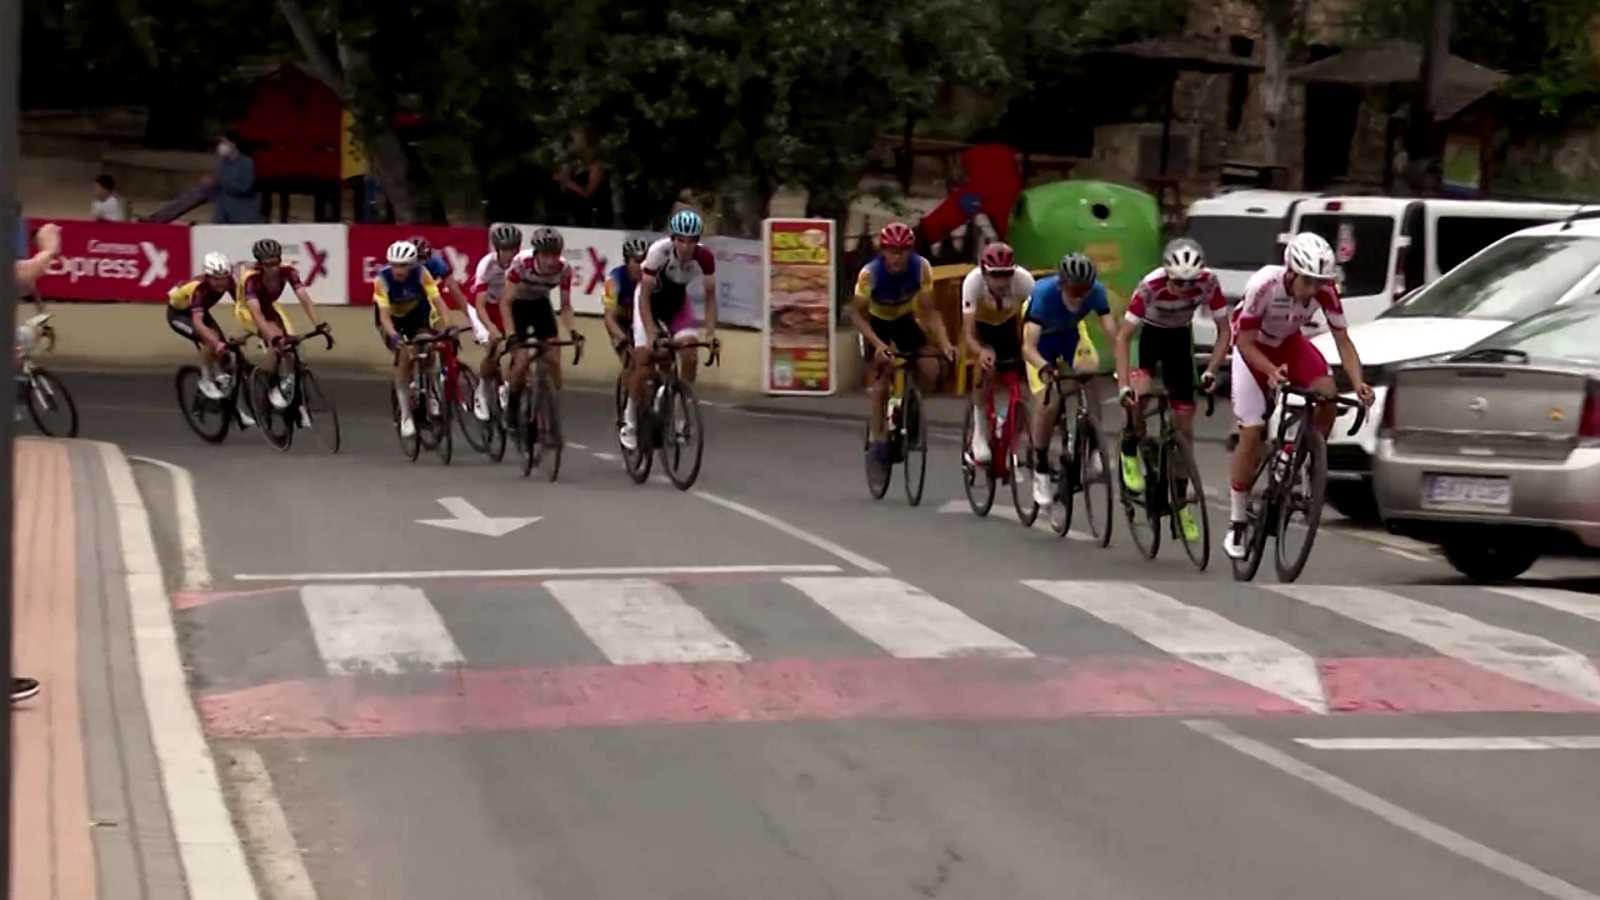 Ciclismo - Campeonato de España Ruta profesionales - ver ahora